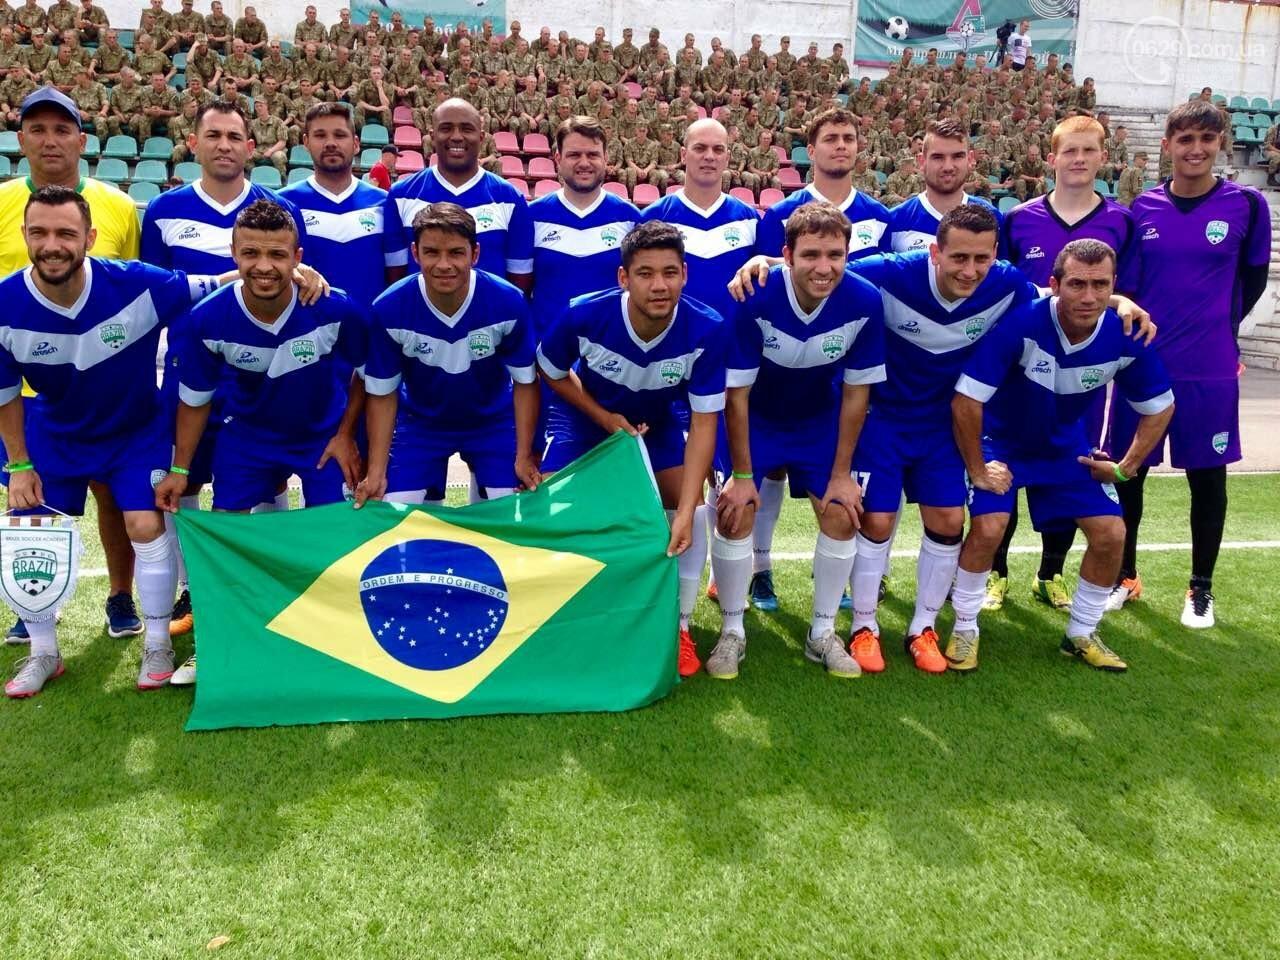 Играйте в футбол с Бразильскими футболистами в Мариуполе, фото-4